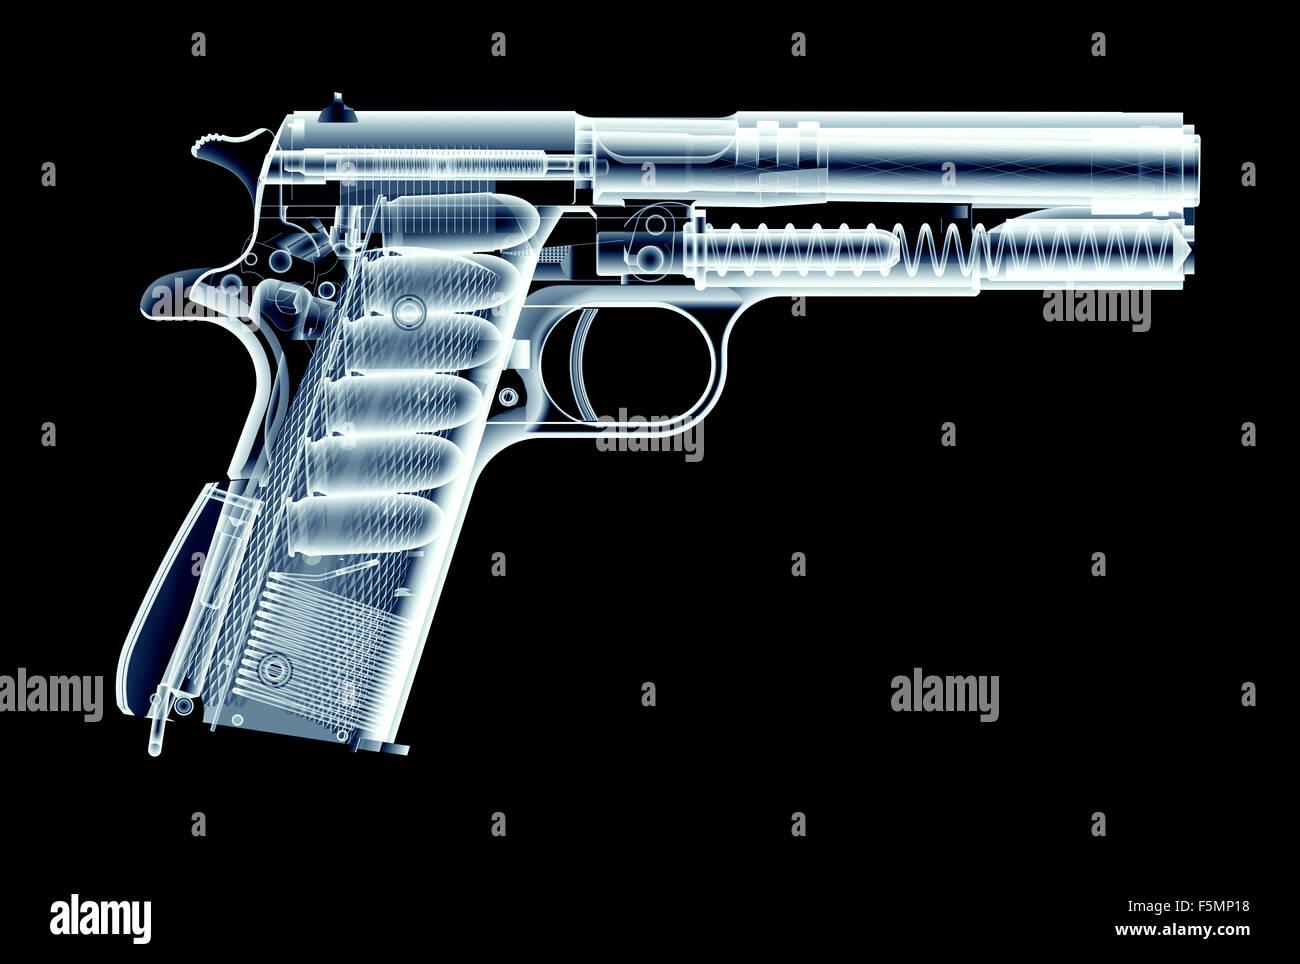 xray image of gun isolated on black background - Stock Image